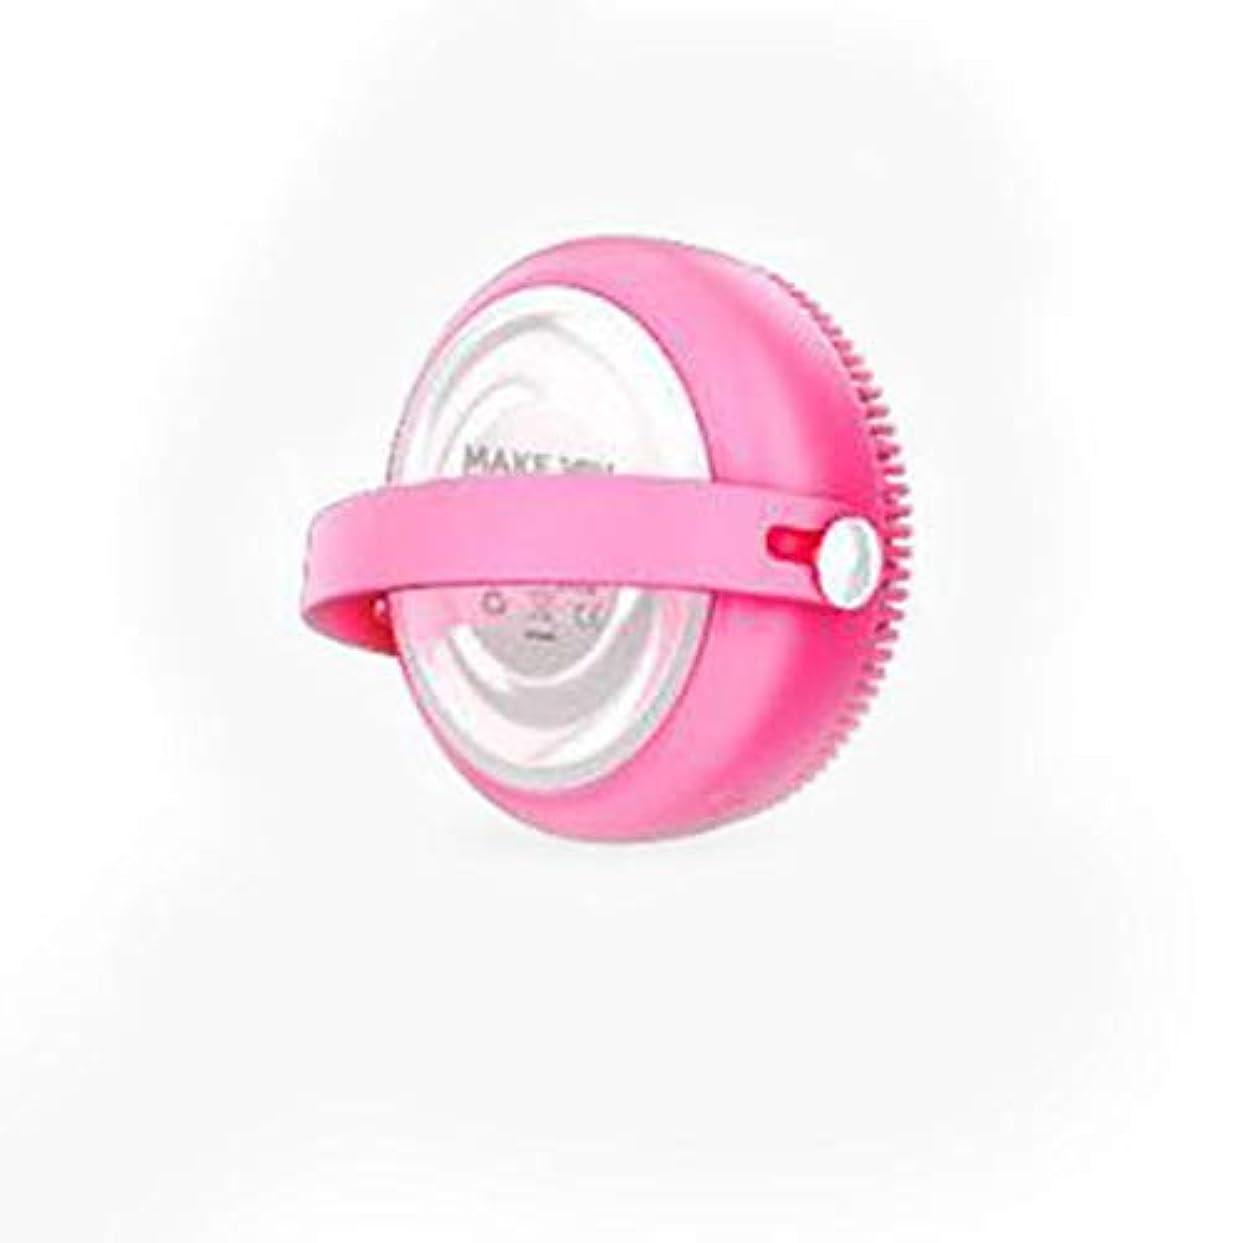 欲しいです差し迫った類似性洗顔シリコーン電気クリーニングブラシ洗濯機ミニ超音波インテリジェントメモリクレンジング楽器洗浄ブラシ美容器械マッサージ,Red